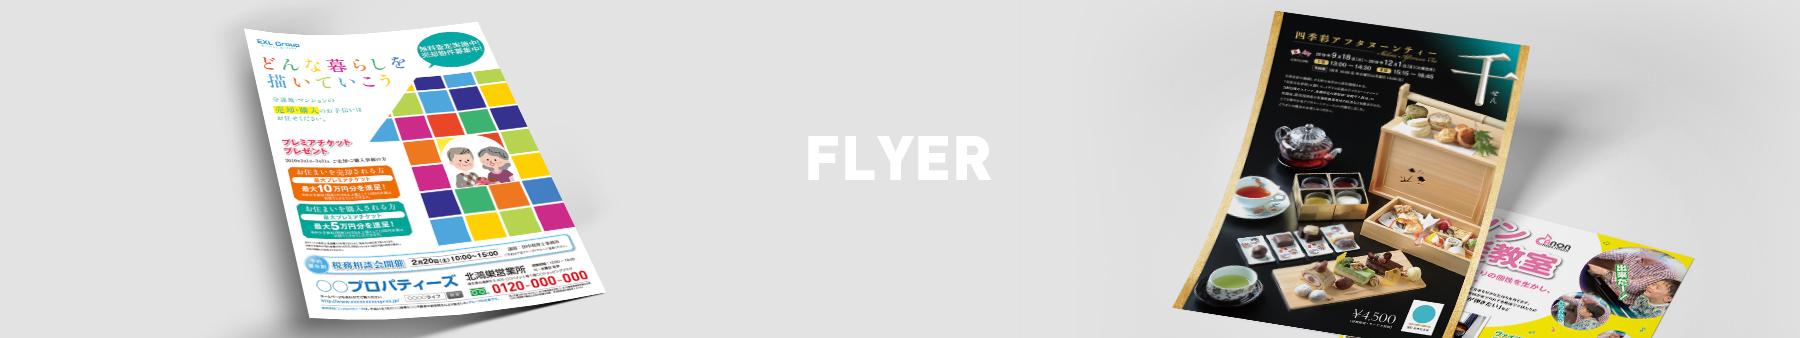 フライヤー・チラシのデザイン&印刷のご依頼